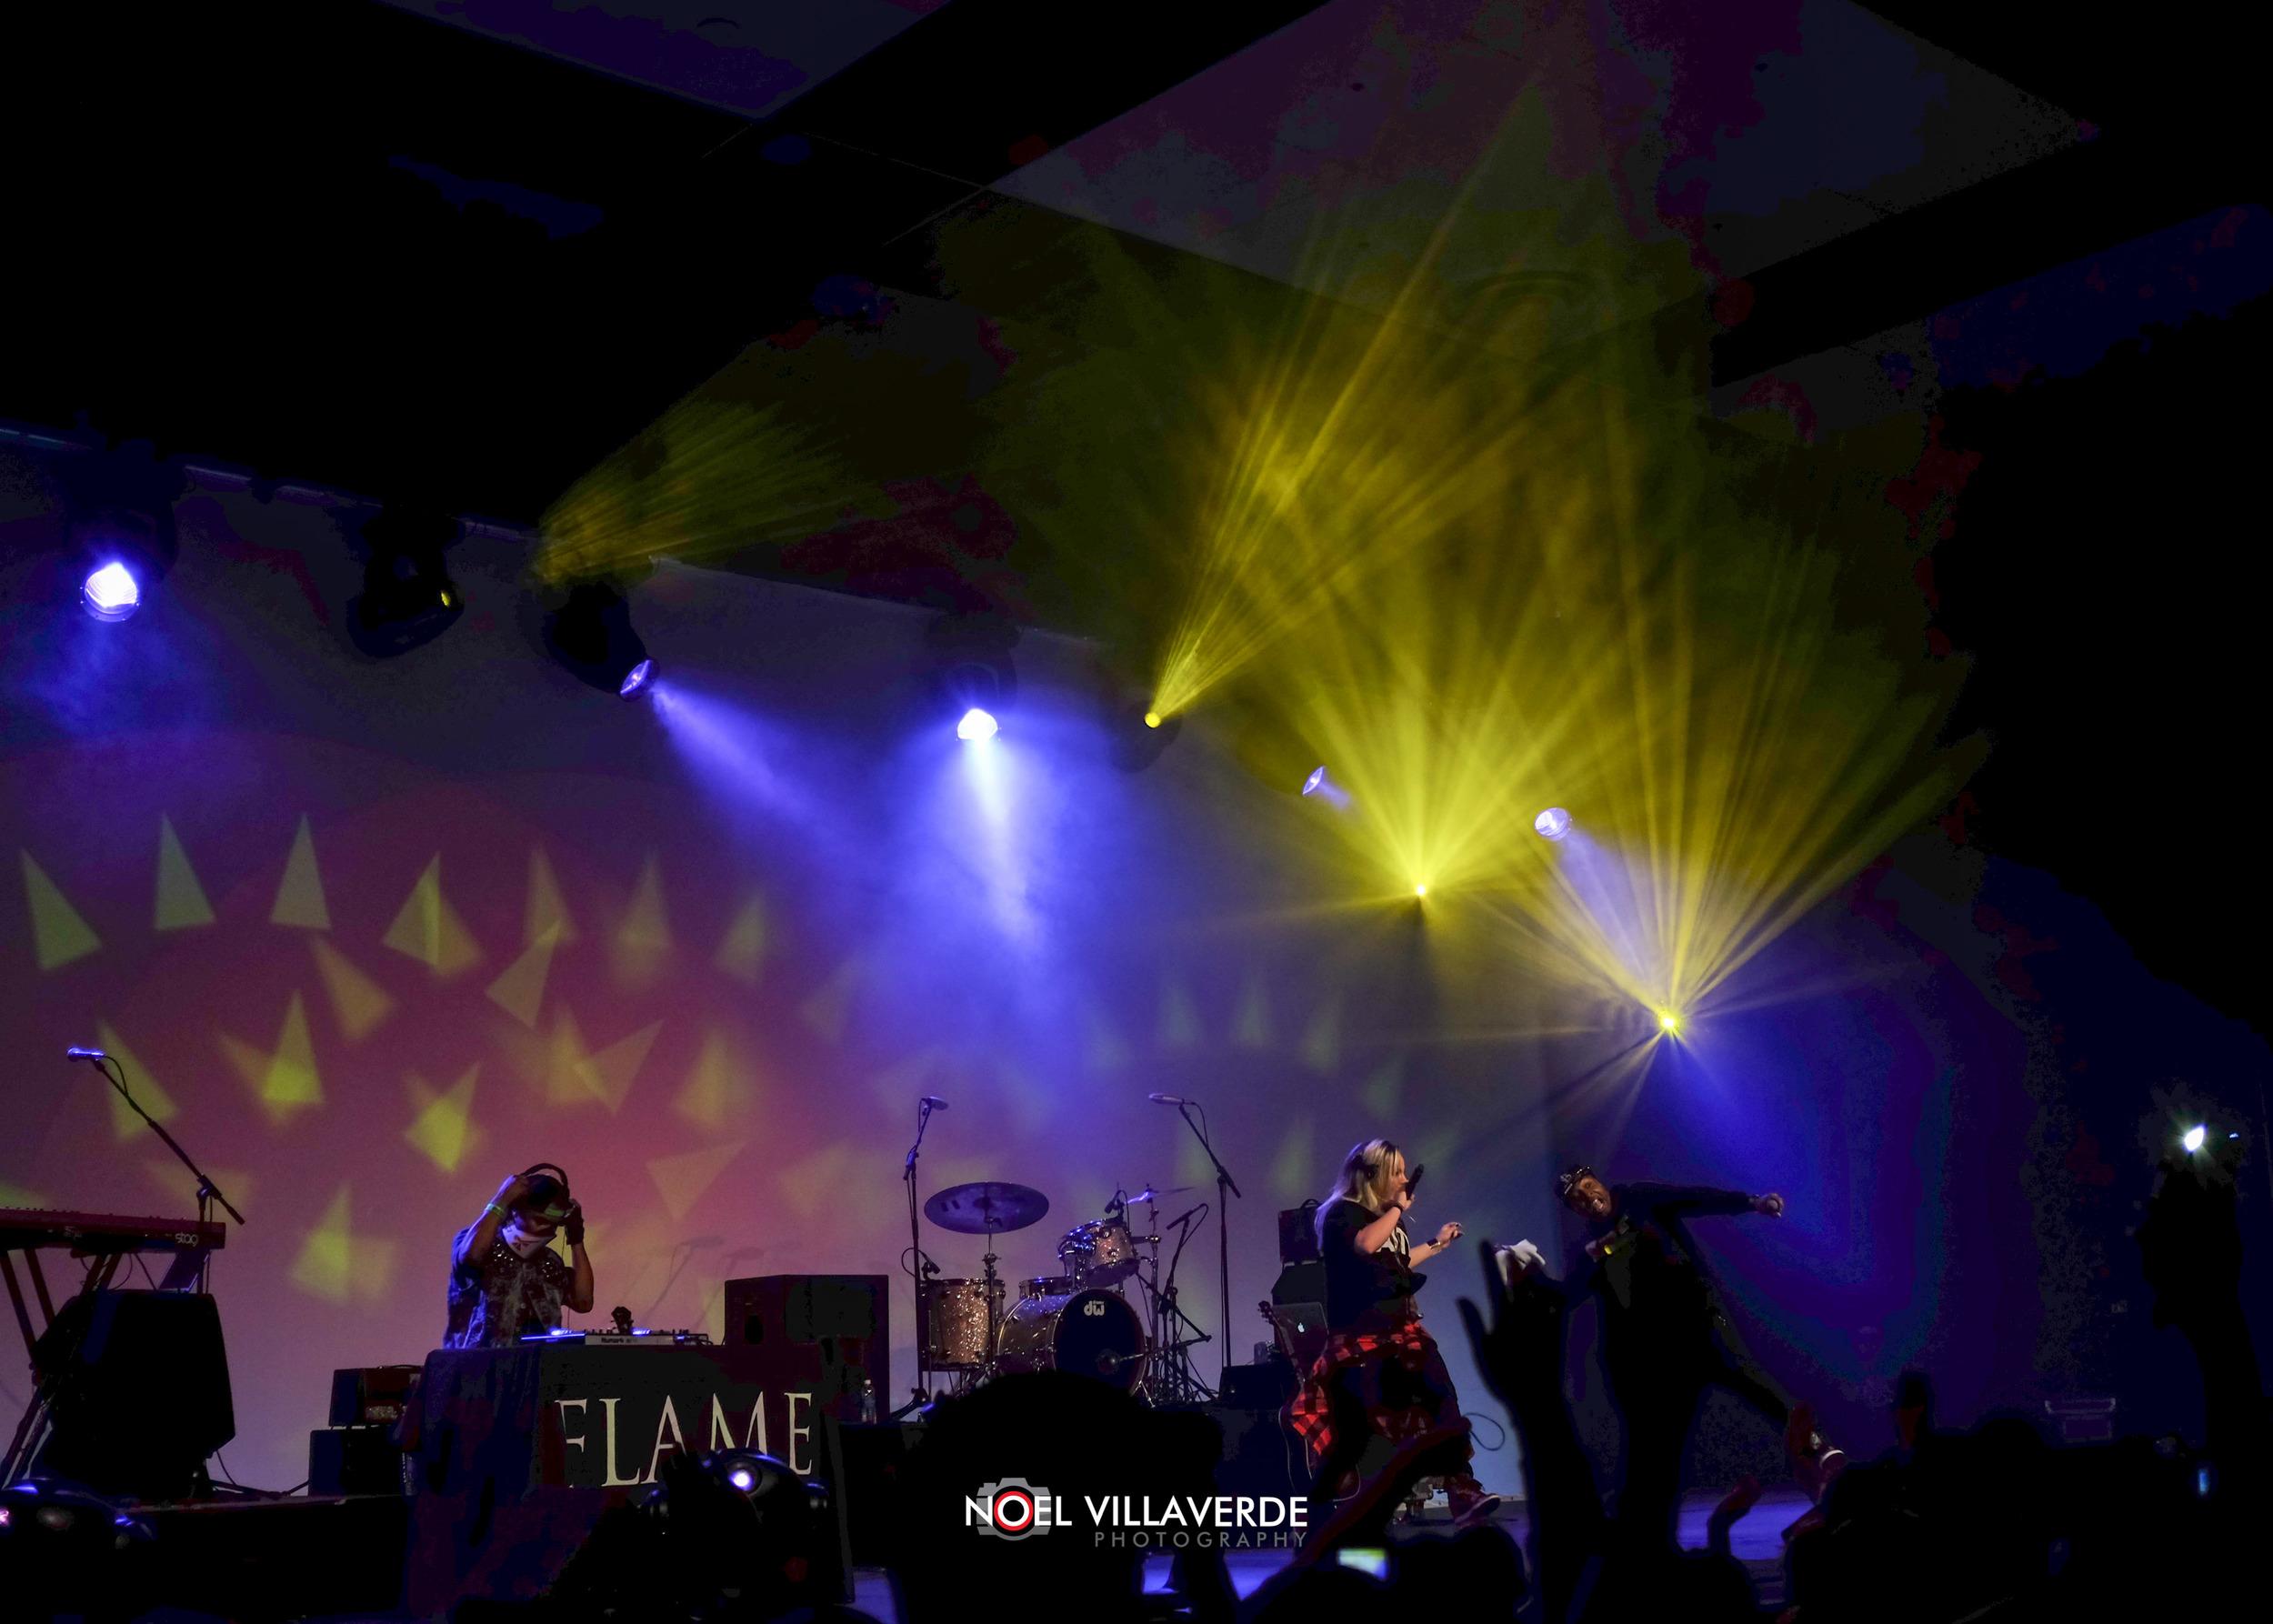 Ignition_Concert-37.jpg